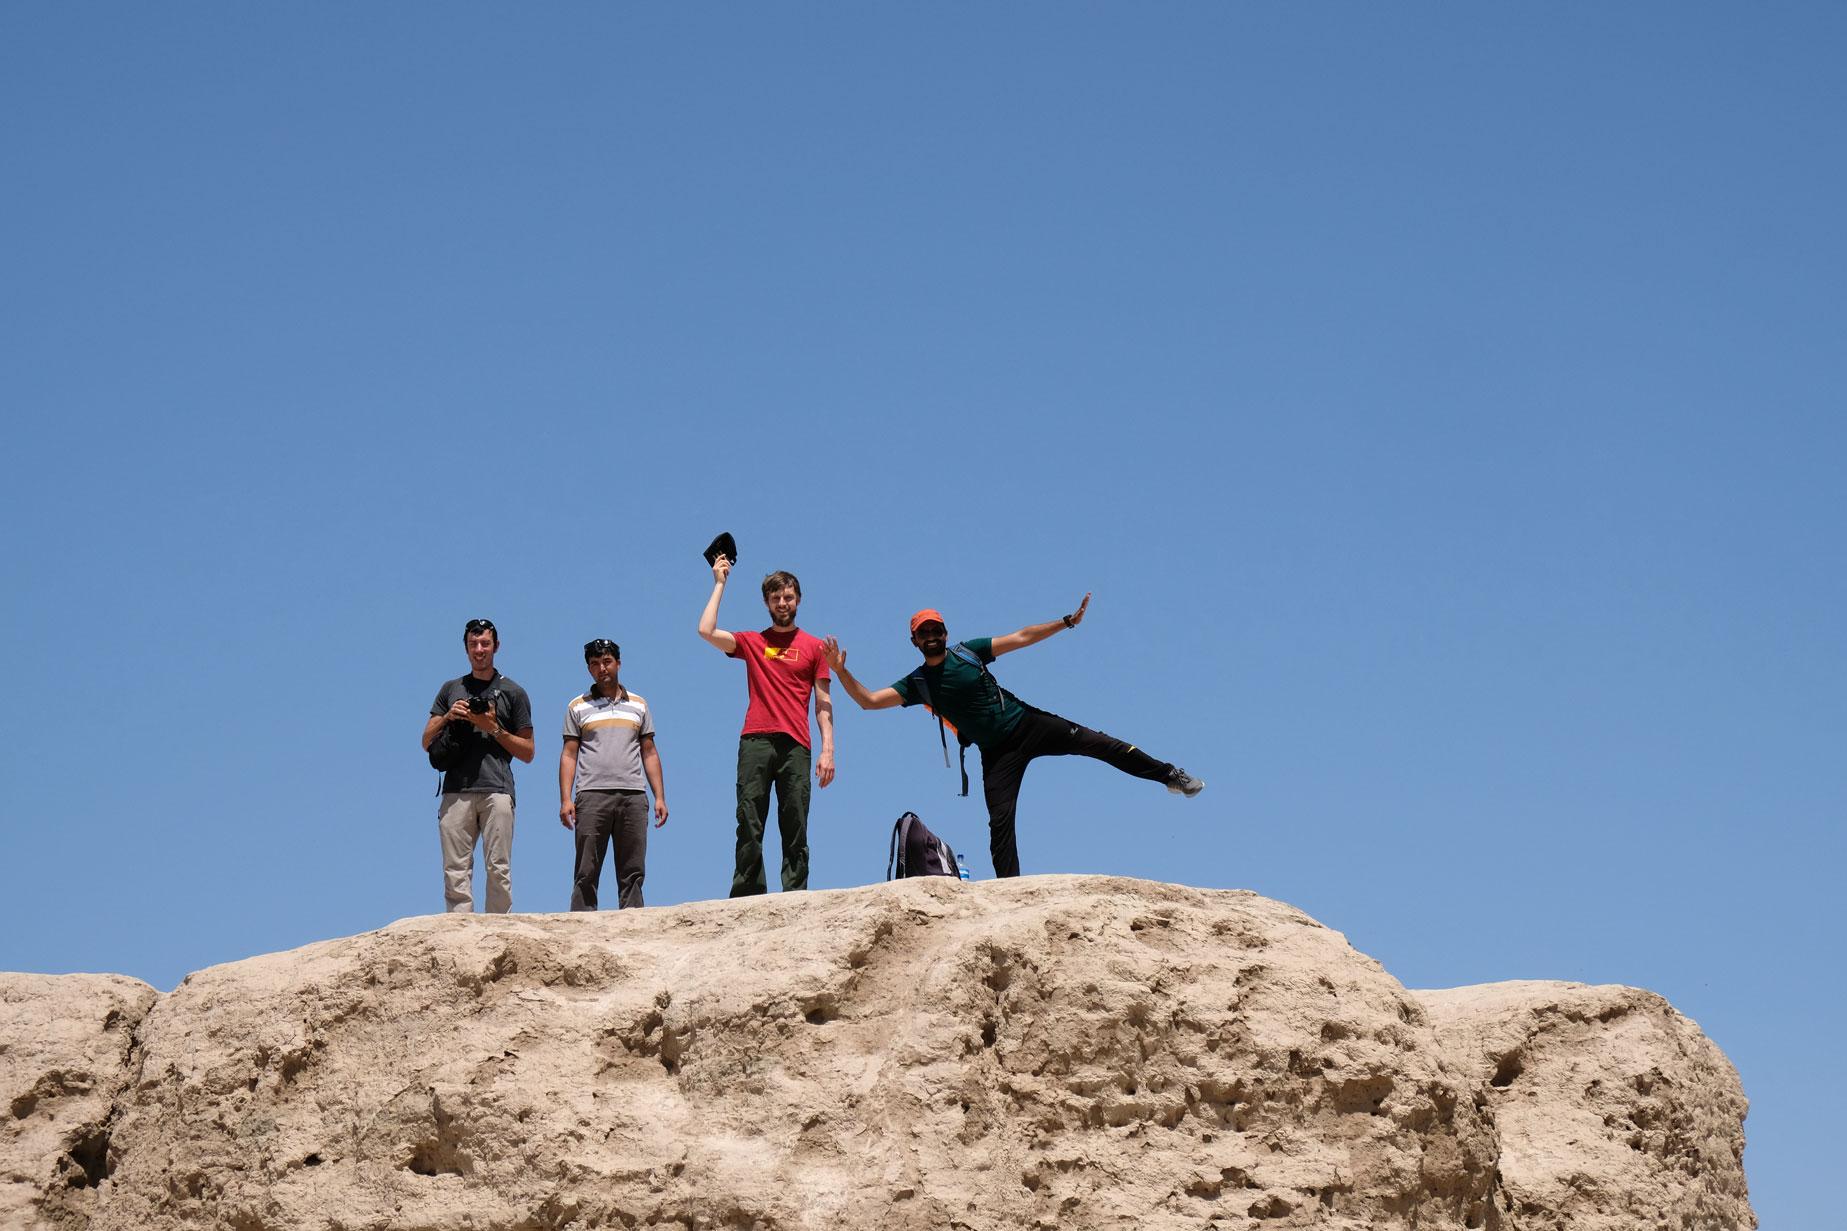 Sebastian mit Nicolas, Vigli und Yogesh auf einem Berg